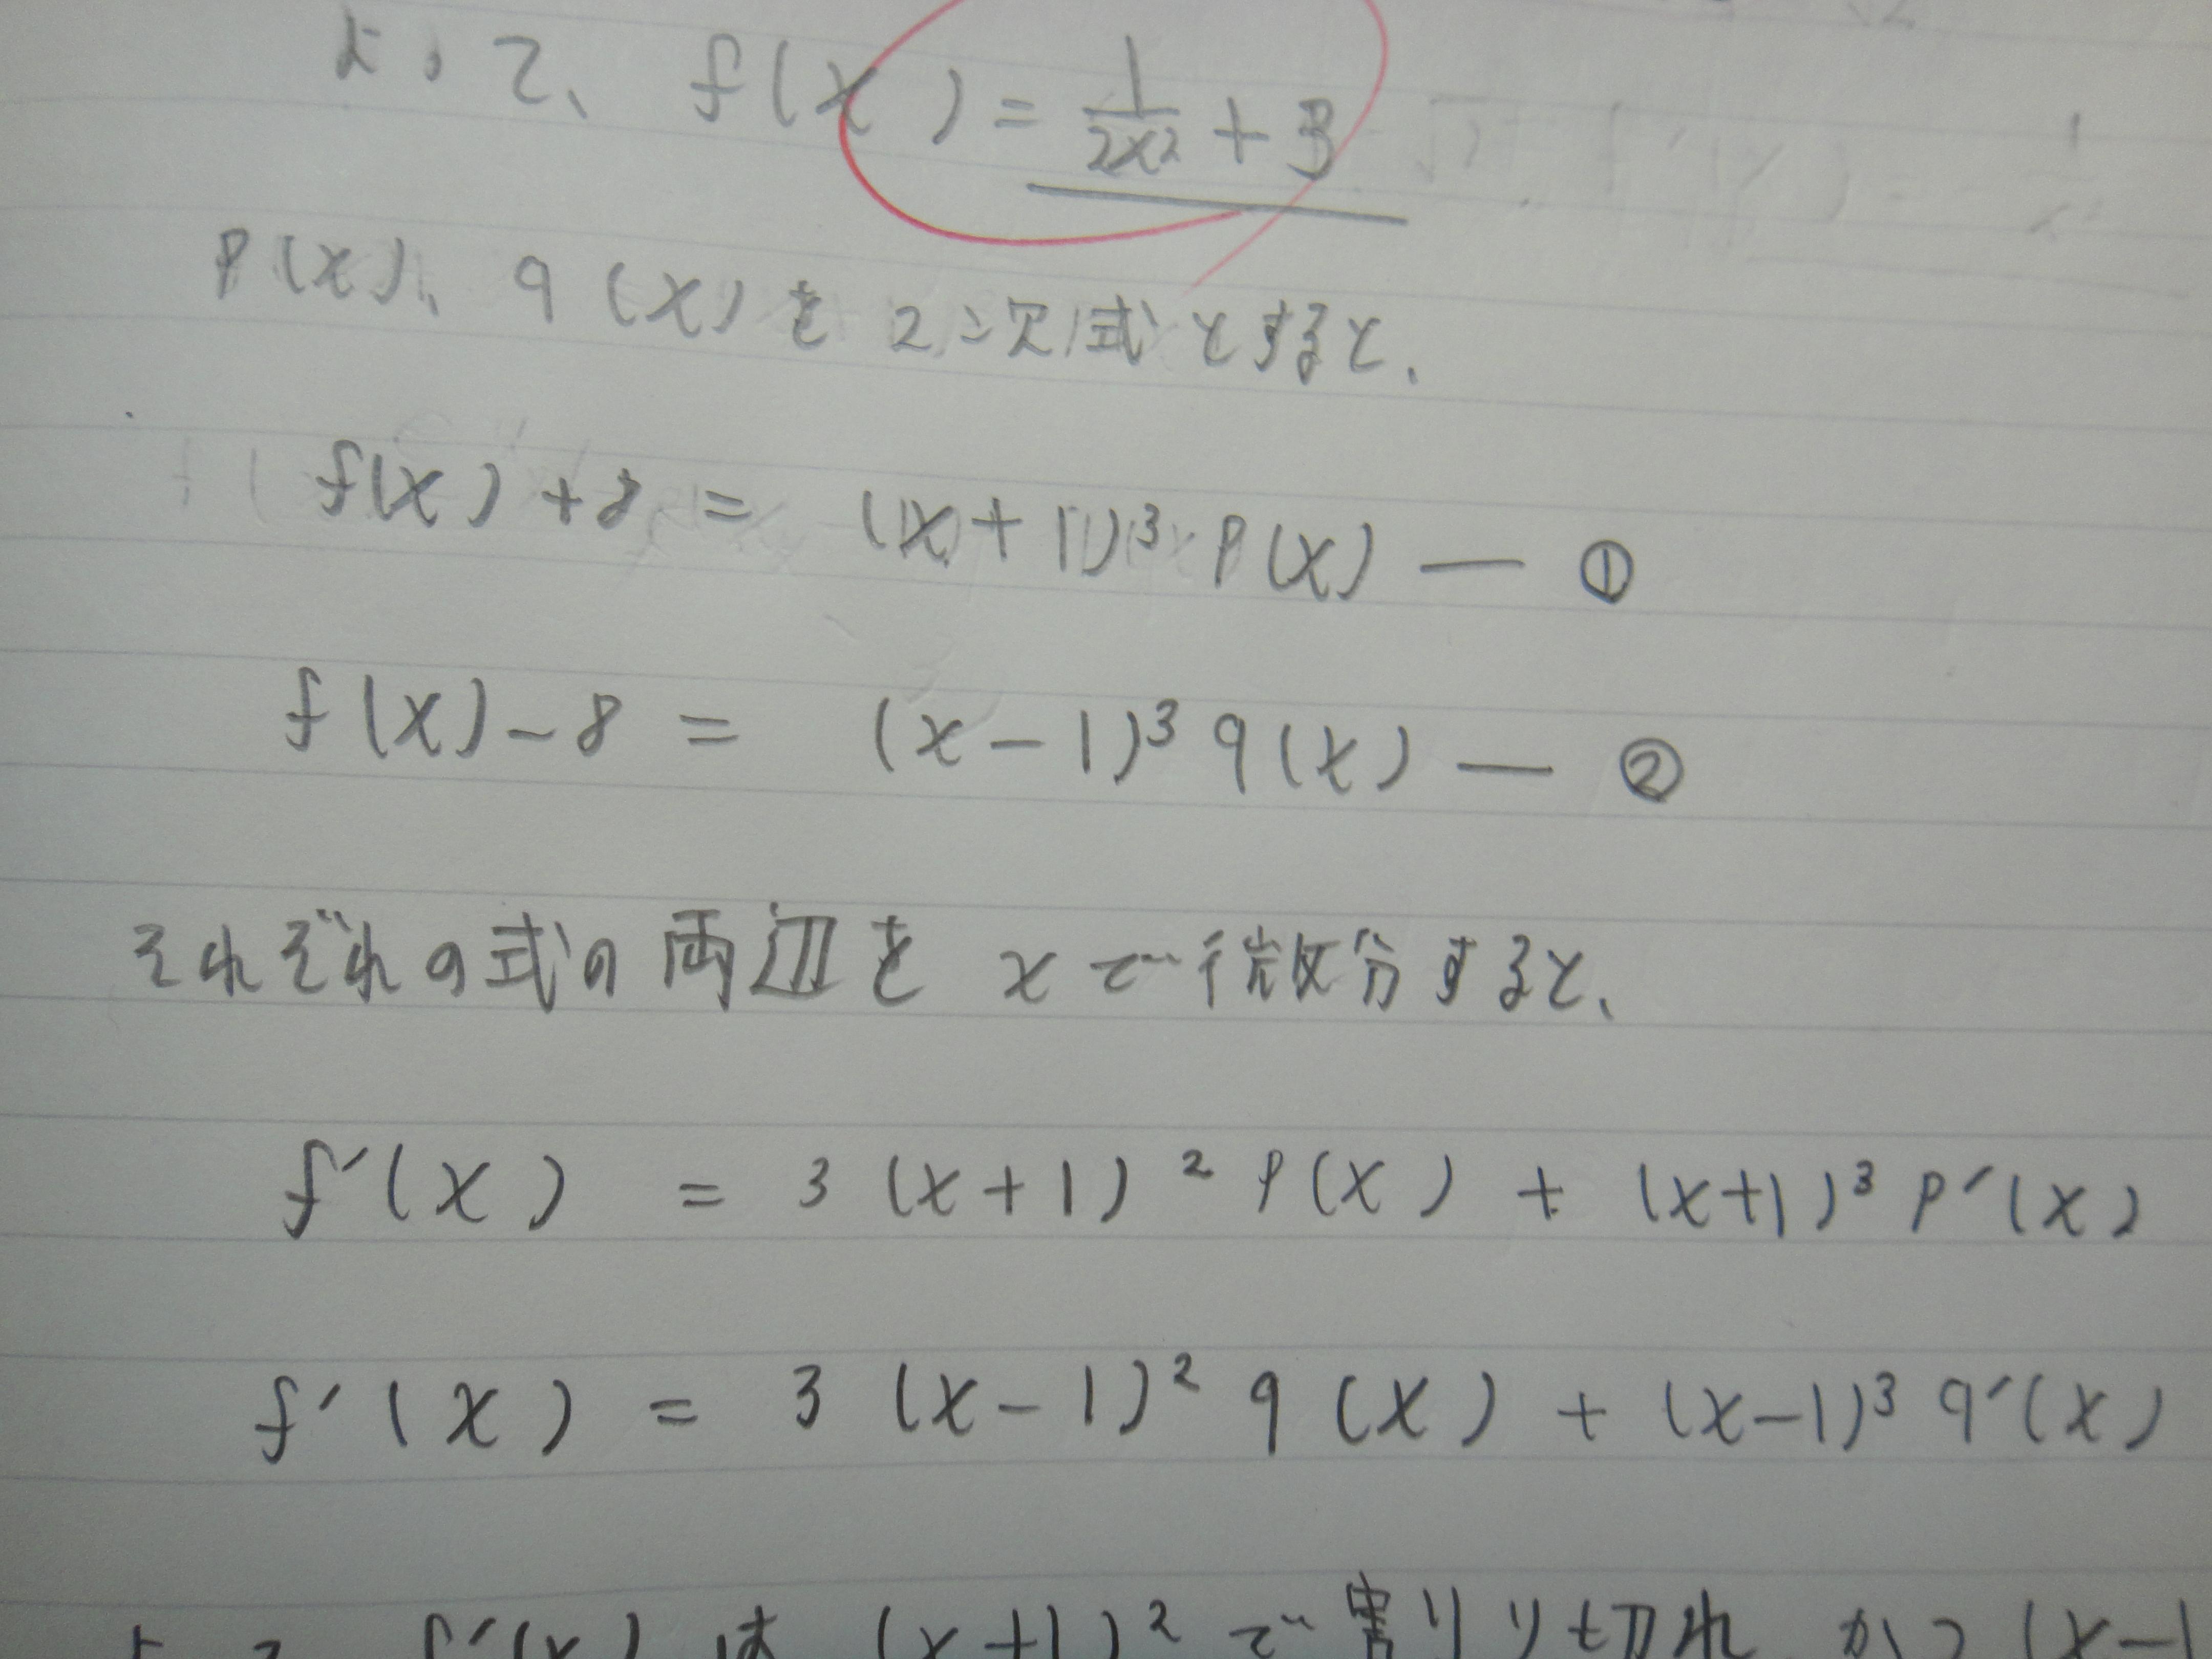 A(x)=p(x)(割る式)q(x)(商)+r(x)と除法を考えるとき、r(x)の次数についてp(x)よりは低いということはわかるのですが。